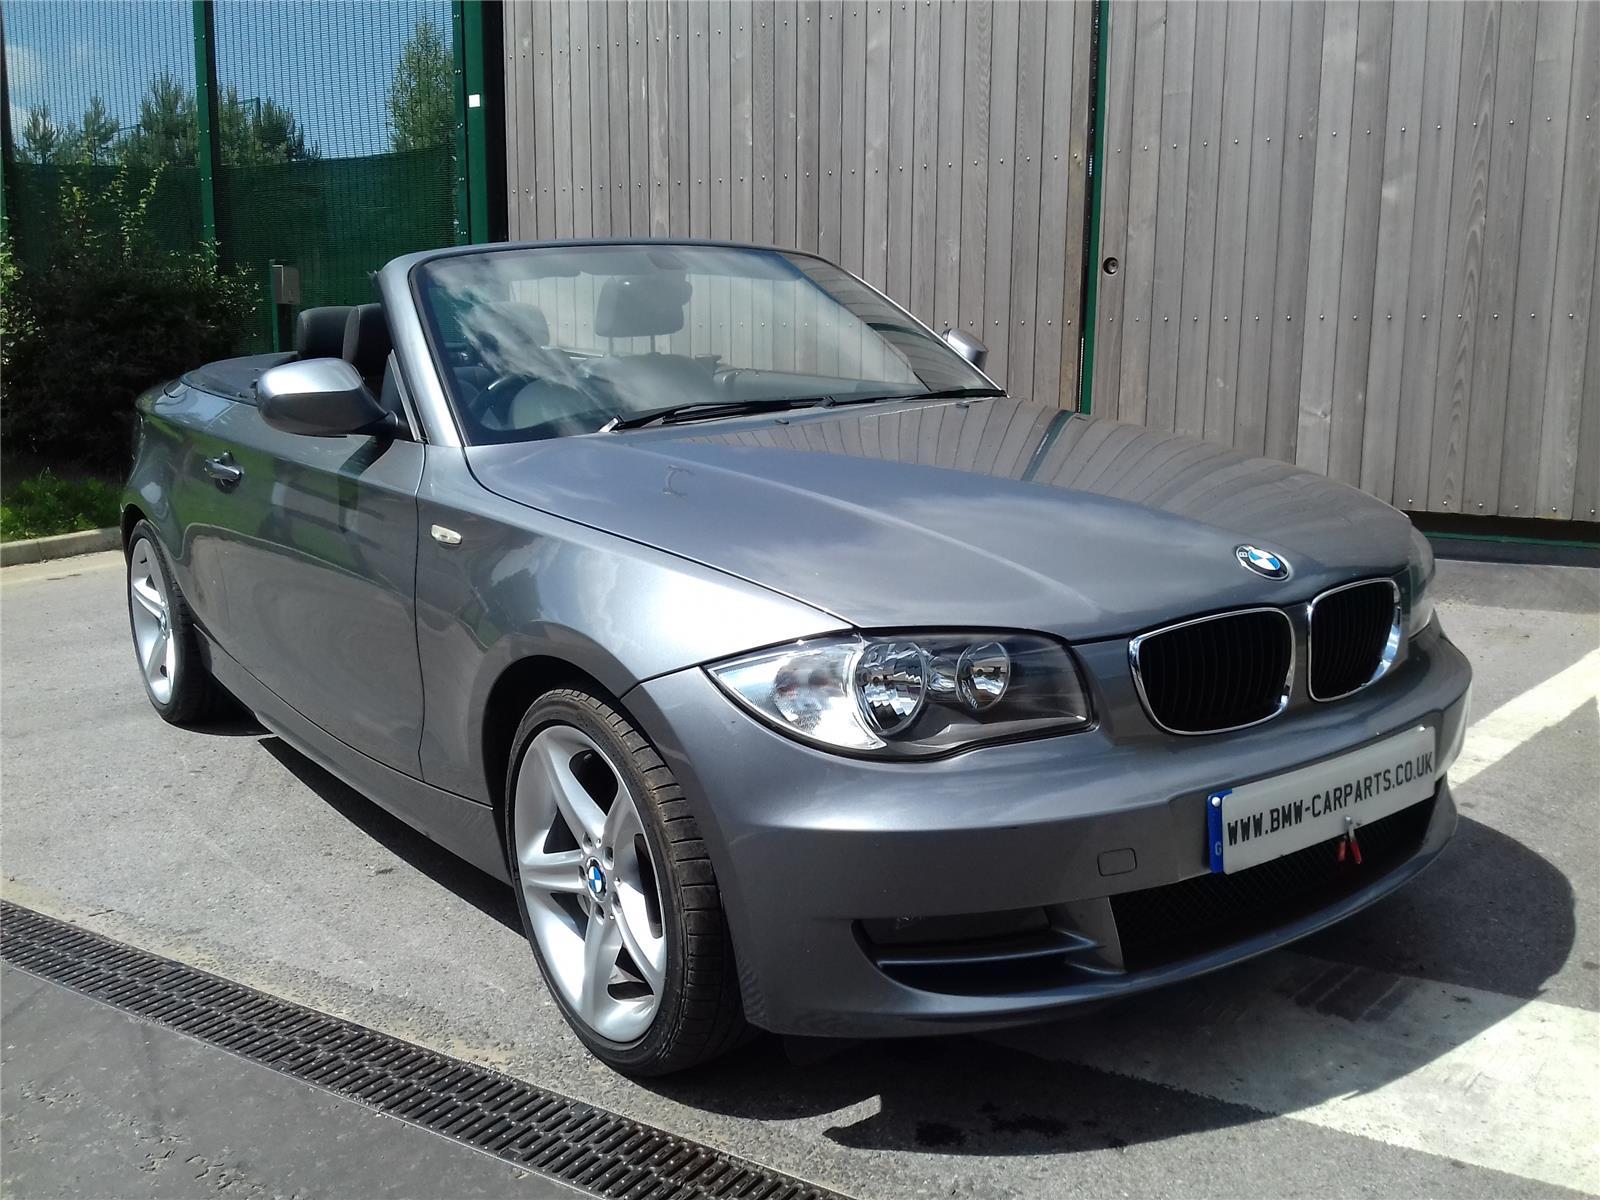 2009 BMW 1 SERIES 118D SPORT Convertible DIESEL MANUAL Breaking